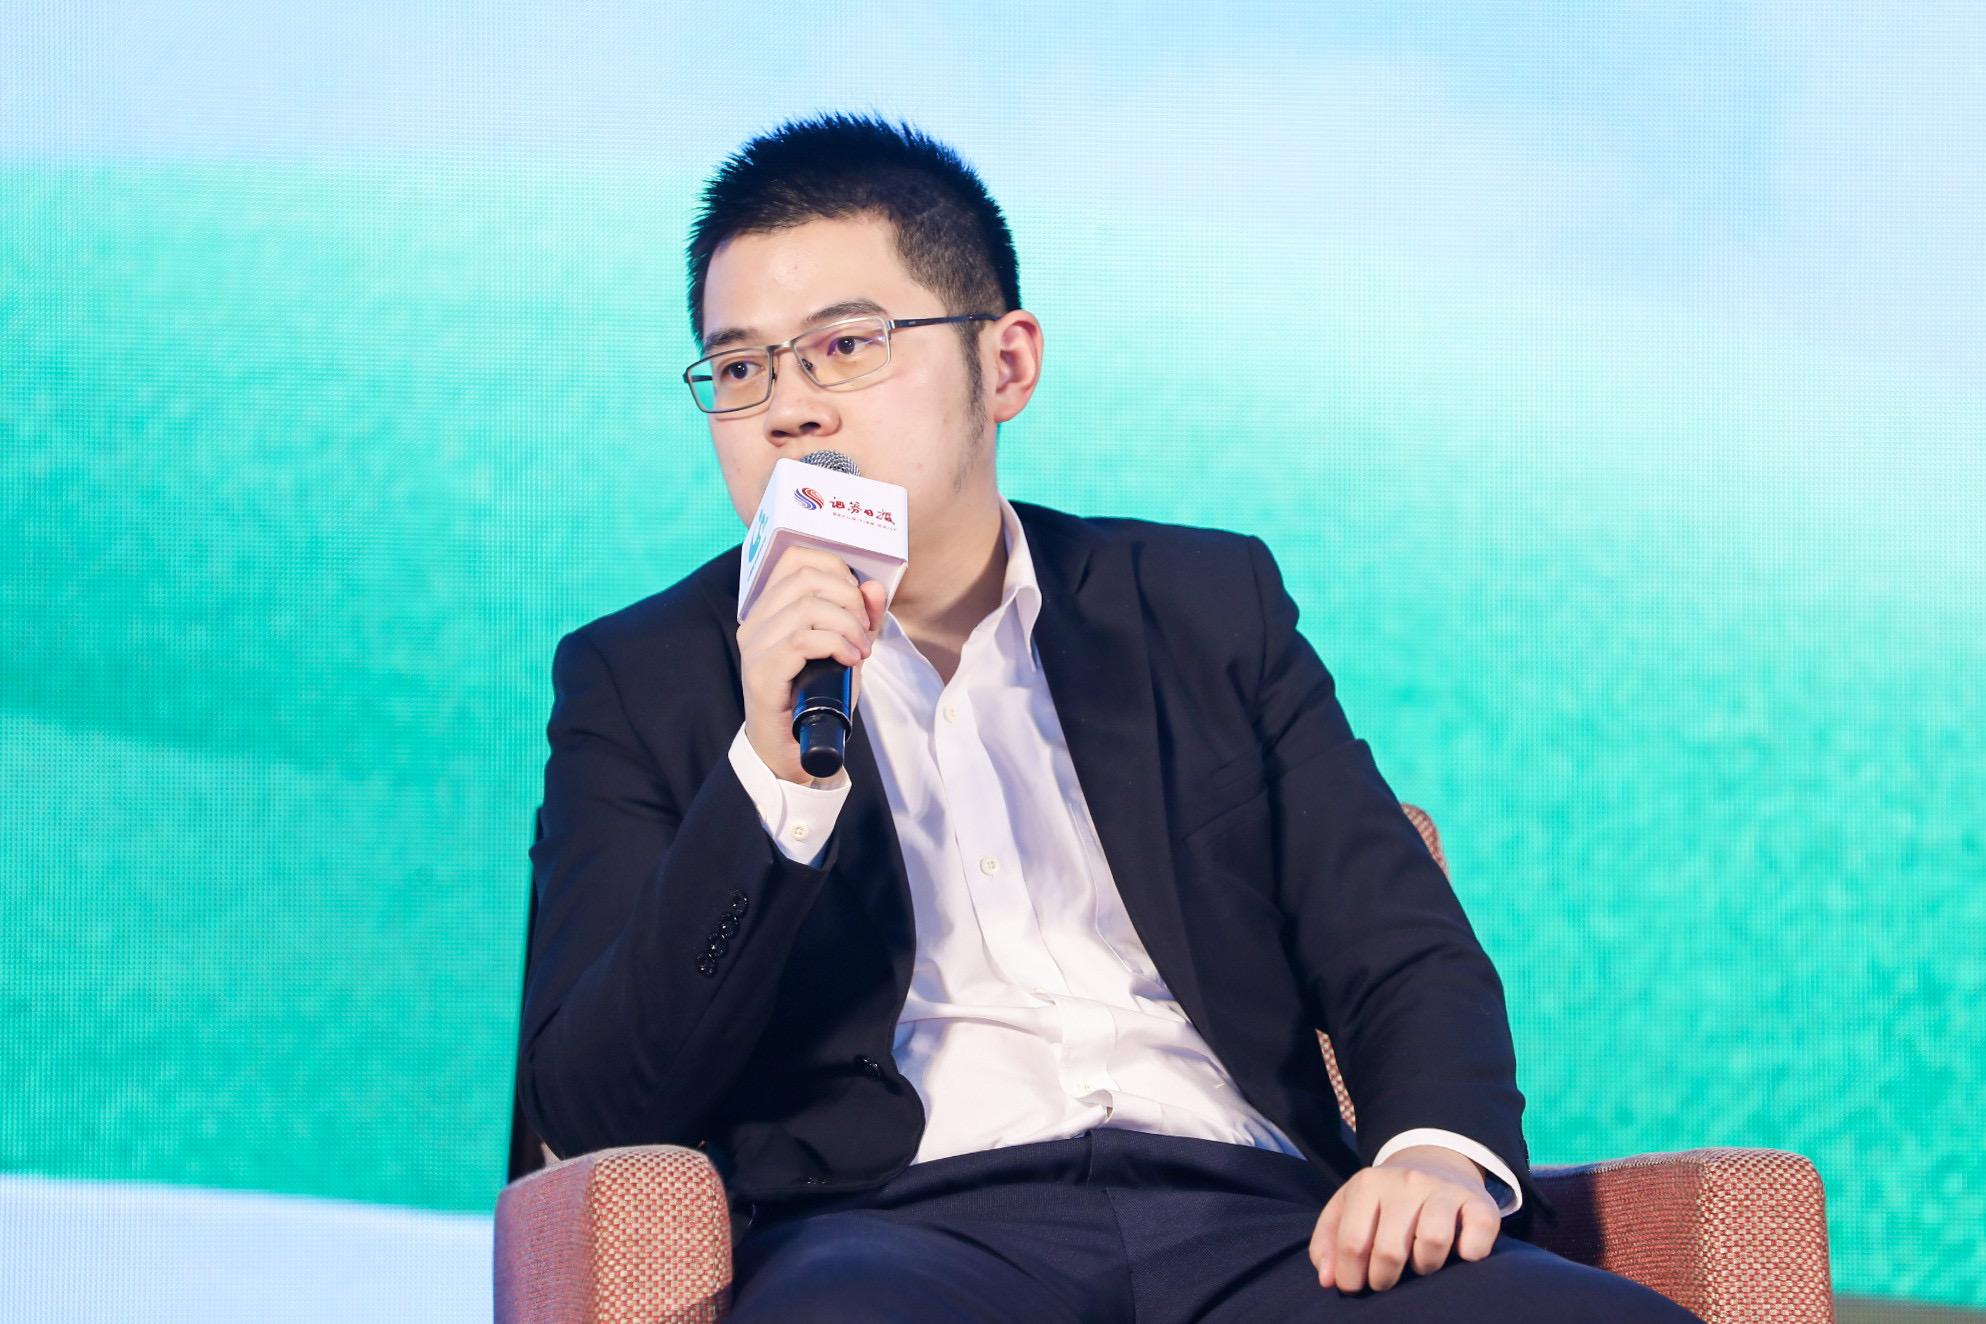 刘鹏:微场景的分析将会带来巨大的商机